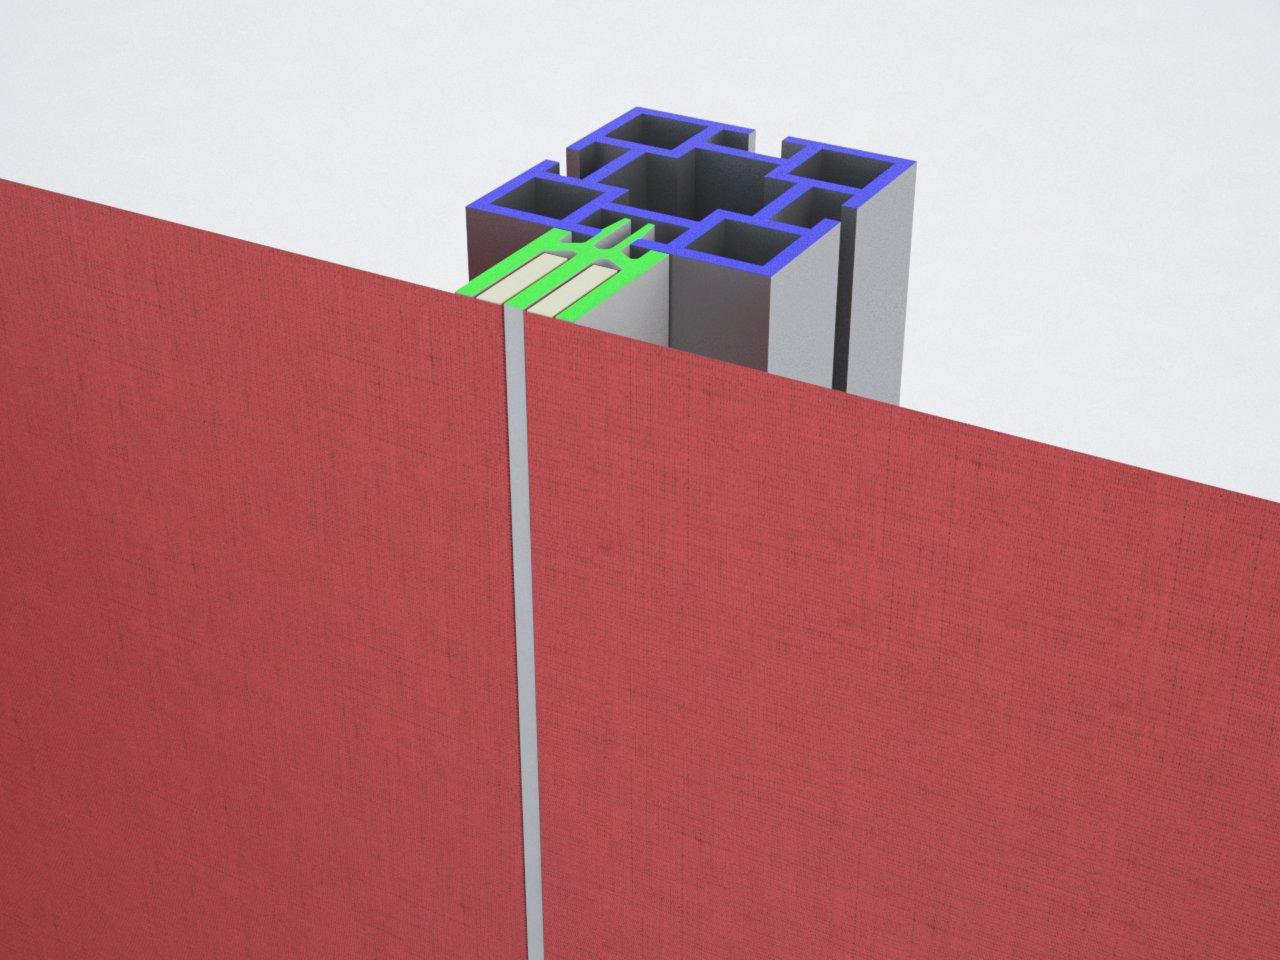 Detalhe do encaixe do perfil H180 à estrutura de alumínio para encaixe de tecido ou lona